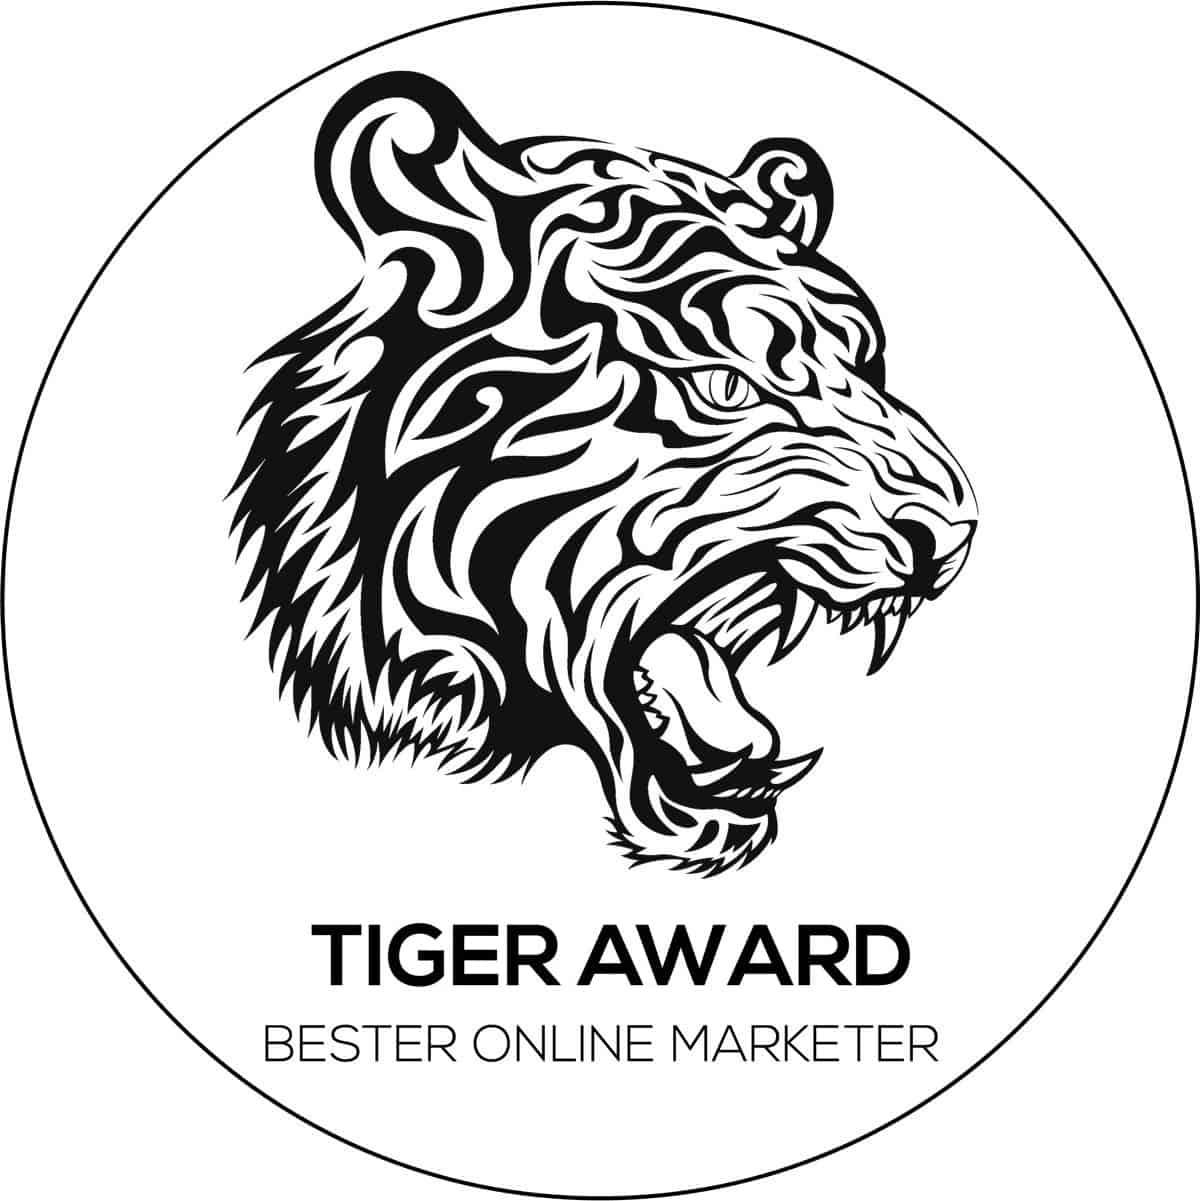 tigeraward_trophy